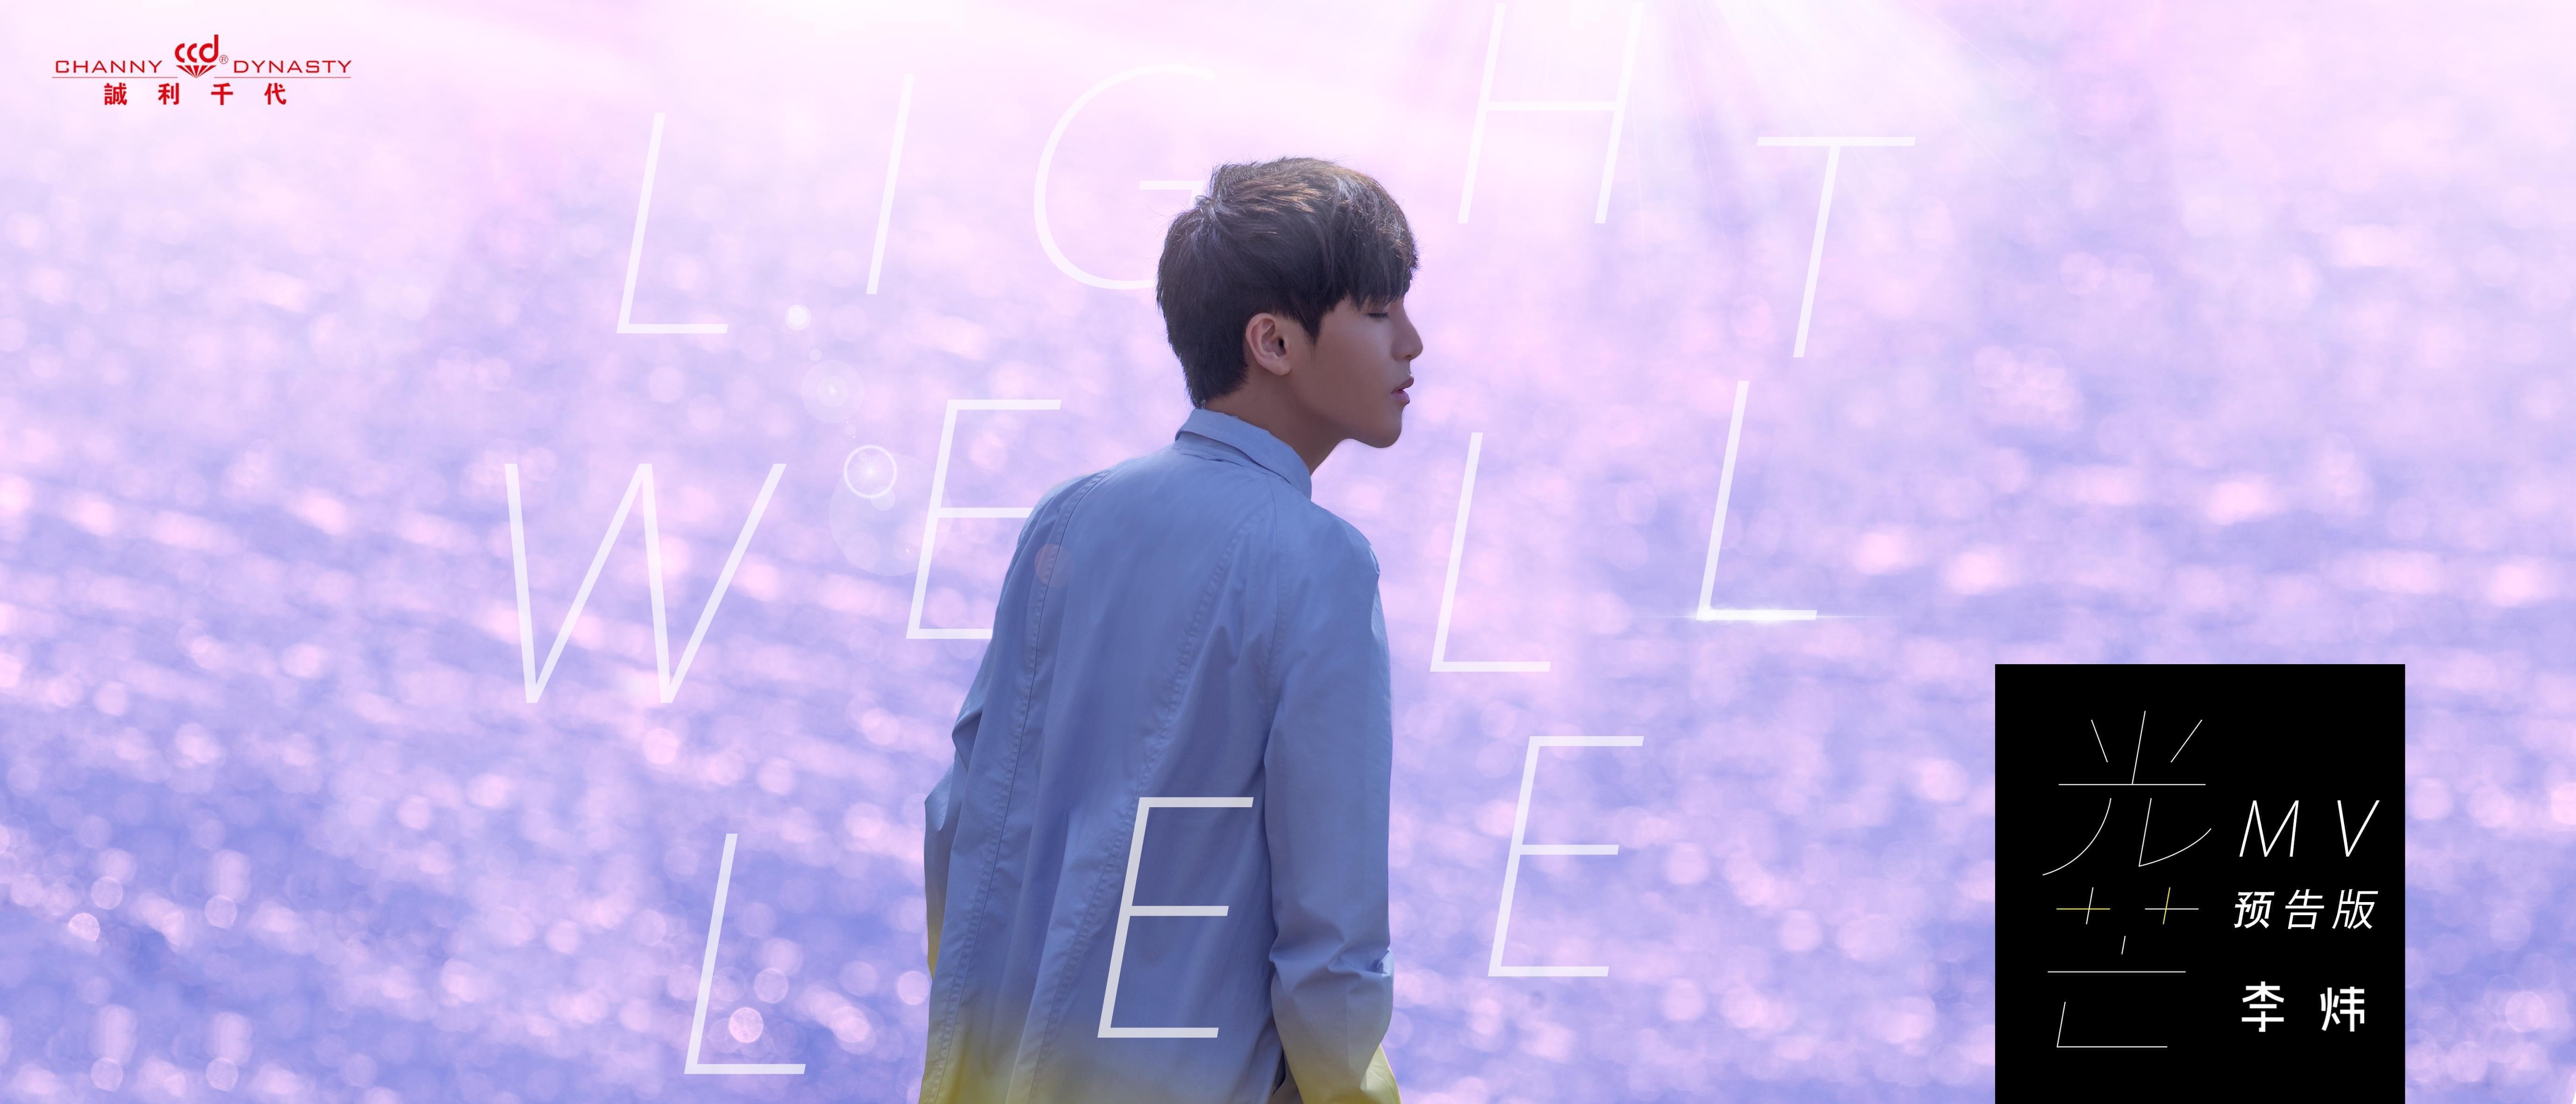 李炜《光芒》MV预告片上线 打造全新视觉